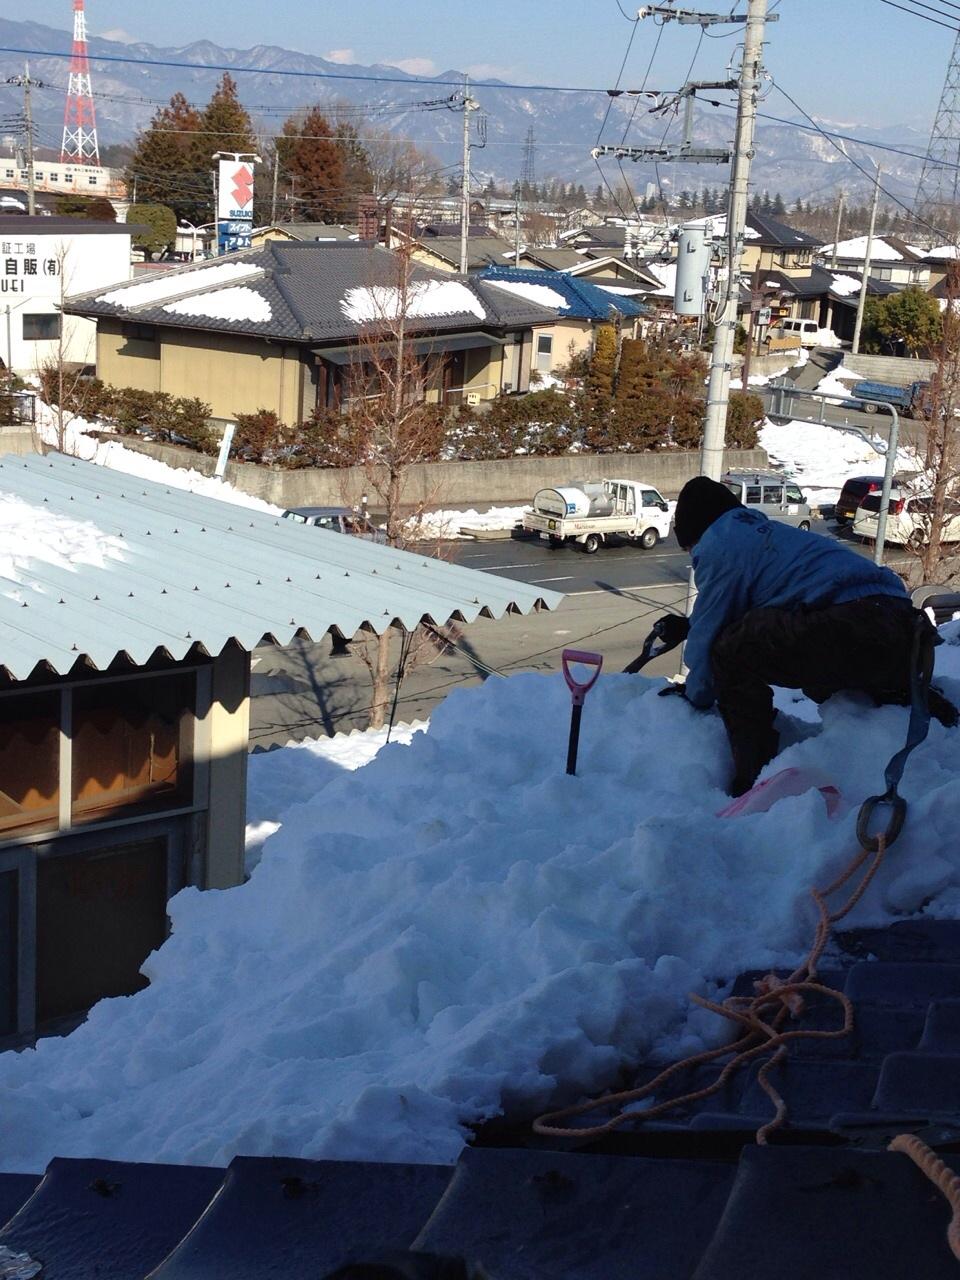 大雪が降った山梨で異常な量の雪下ろしやってみた!かなり危険!